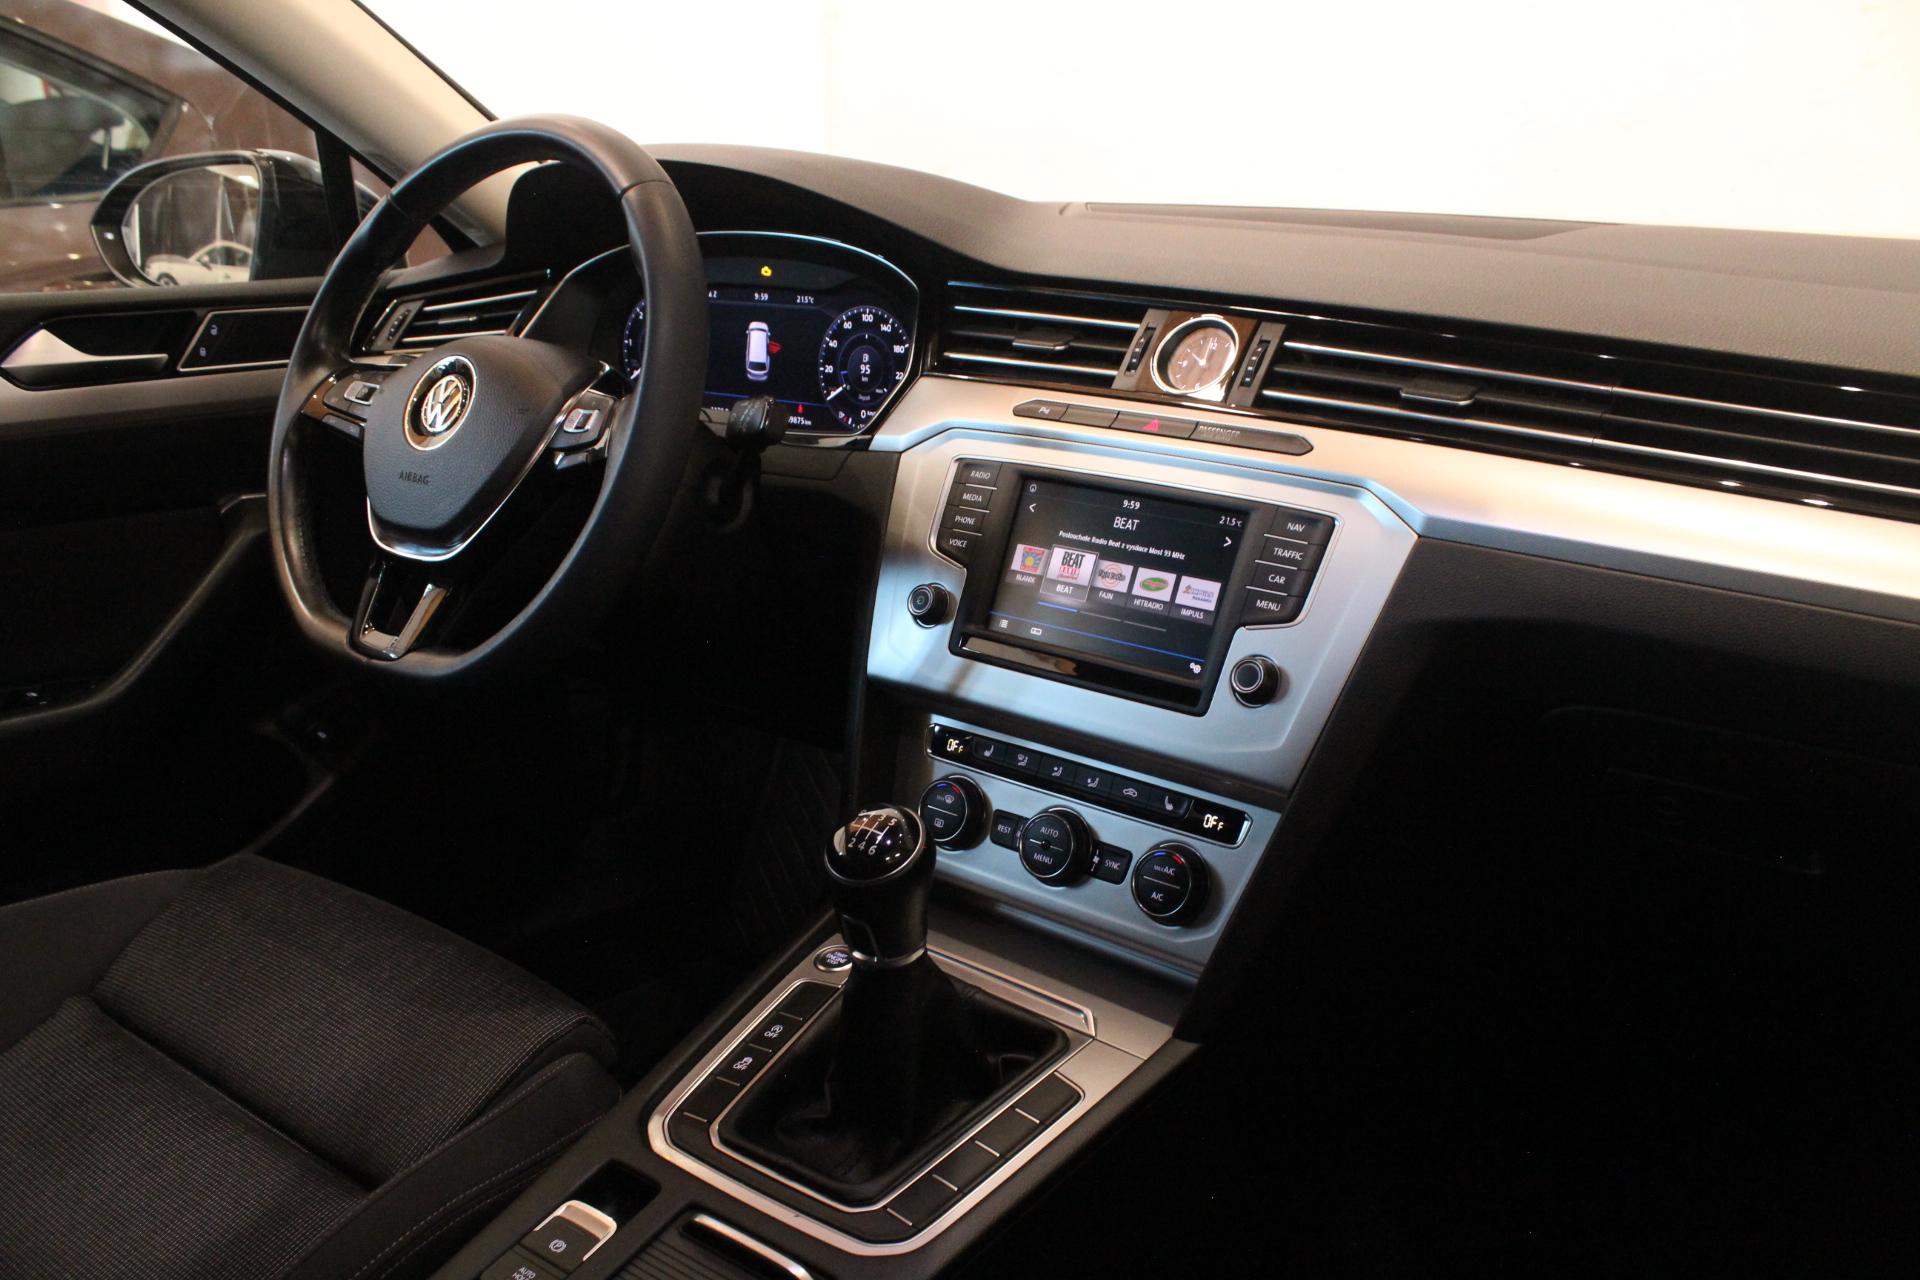 VW Passat B8 2.0 TDI Highline Active Info display 12″ - AutoBrela obrázek